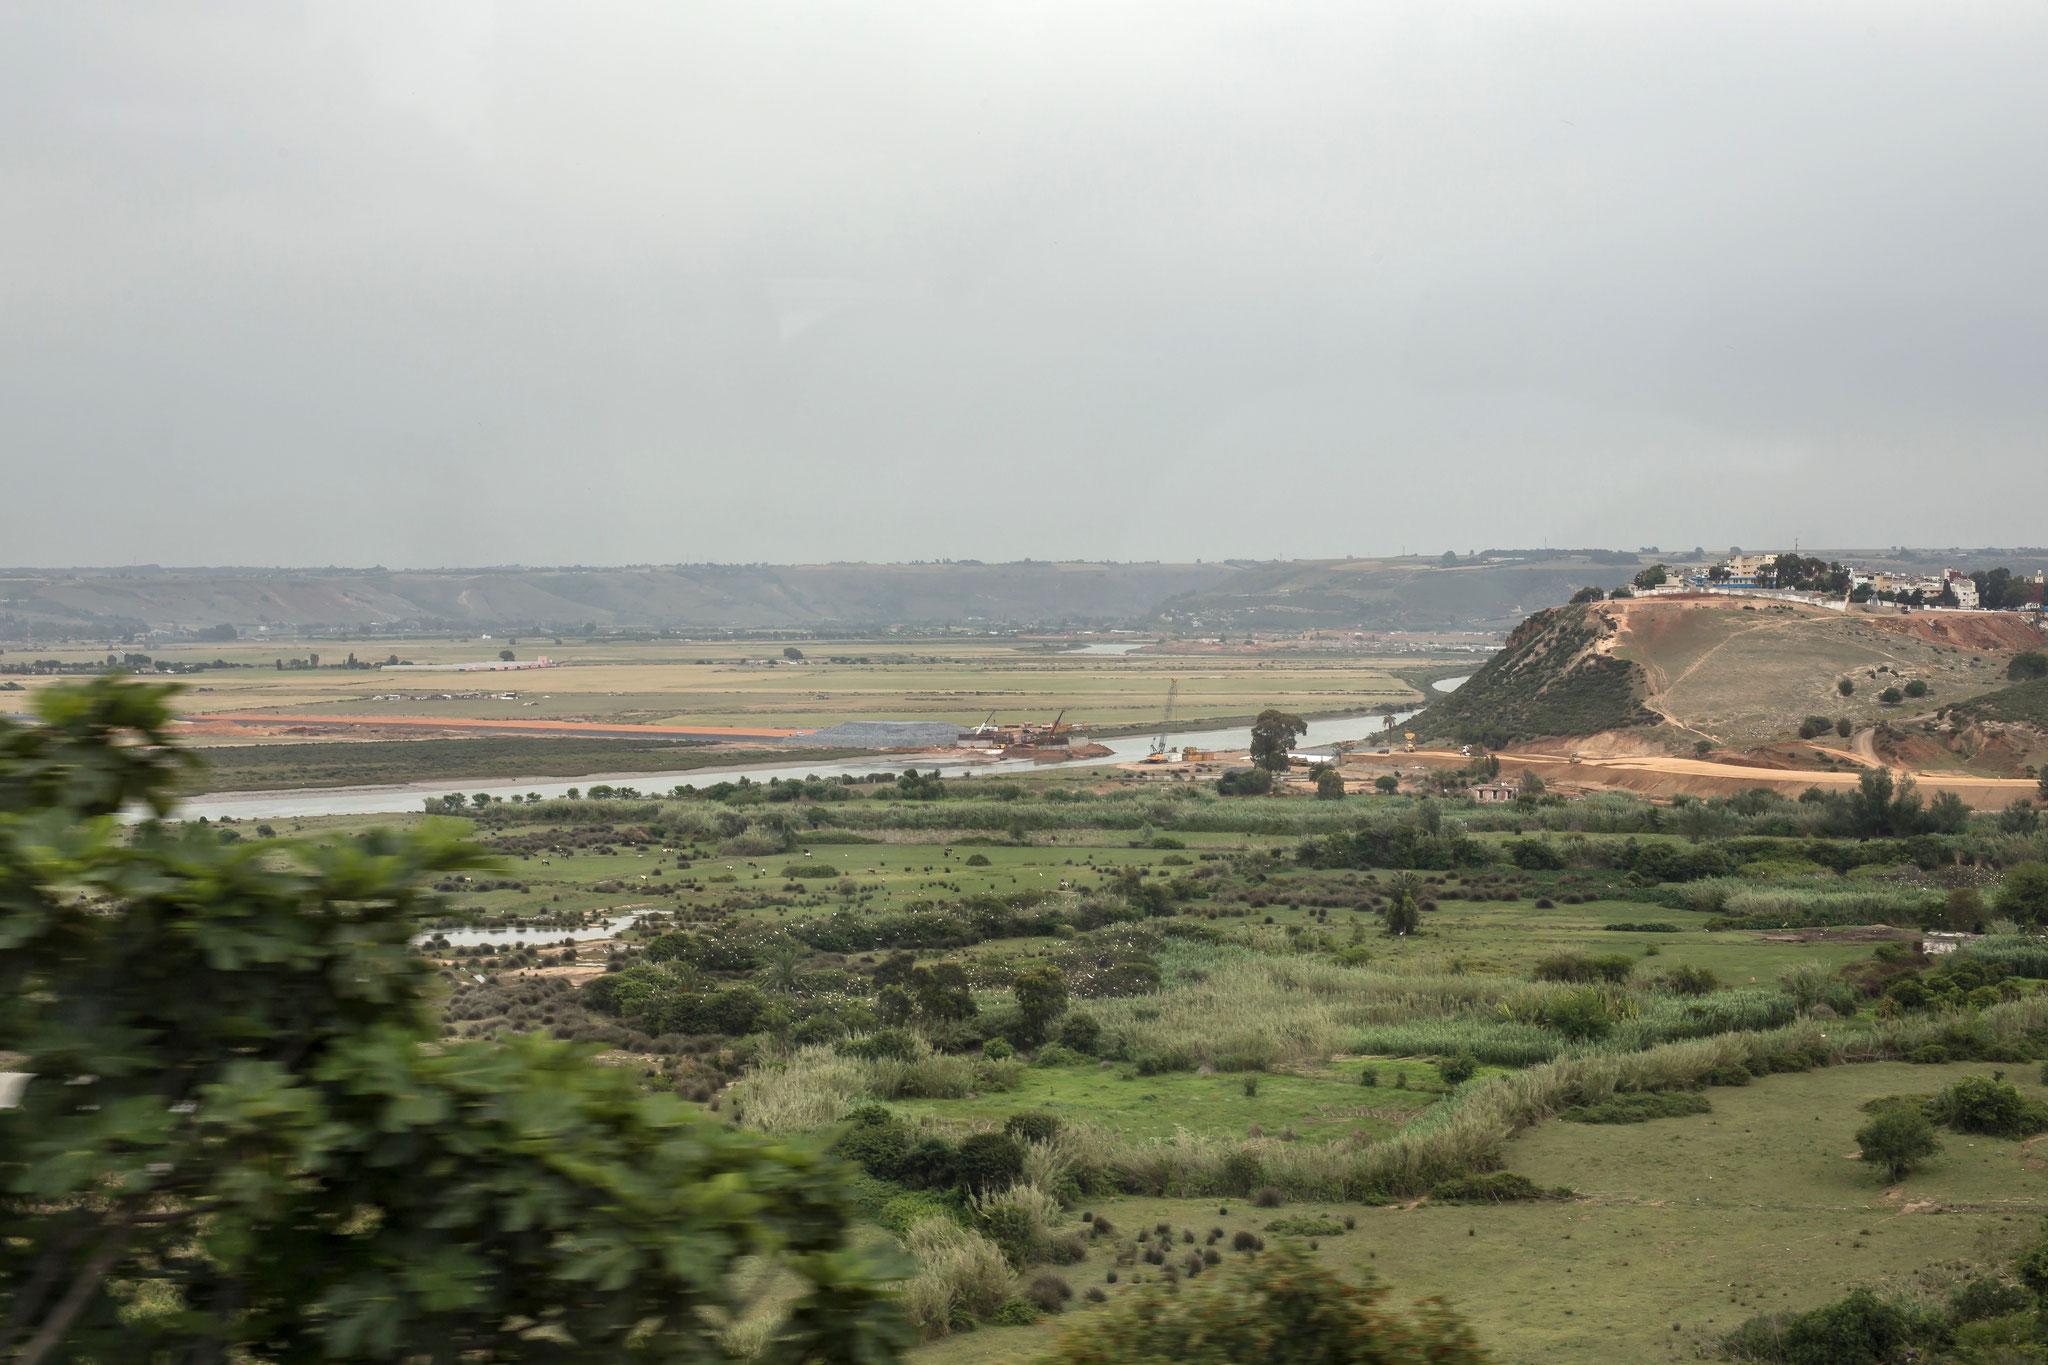 Blick auf das Schwemmland des Bou Regreg.